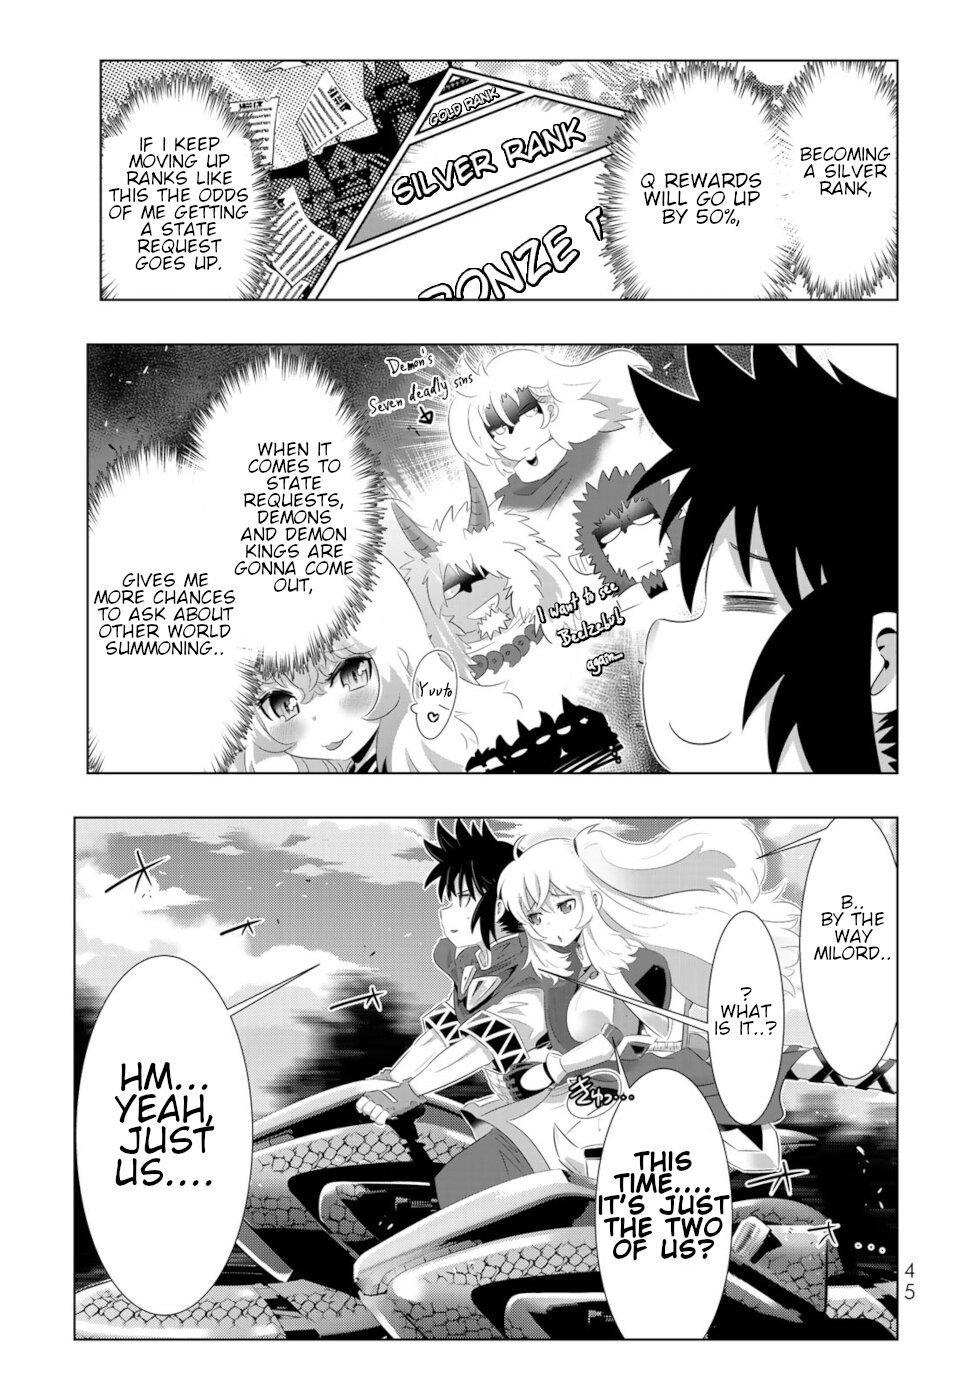 Manga Isekai Shihai no Skill Taker: Zero kara Hajimeru Dorei Harem - Chapter 59 Page 5